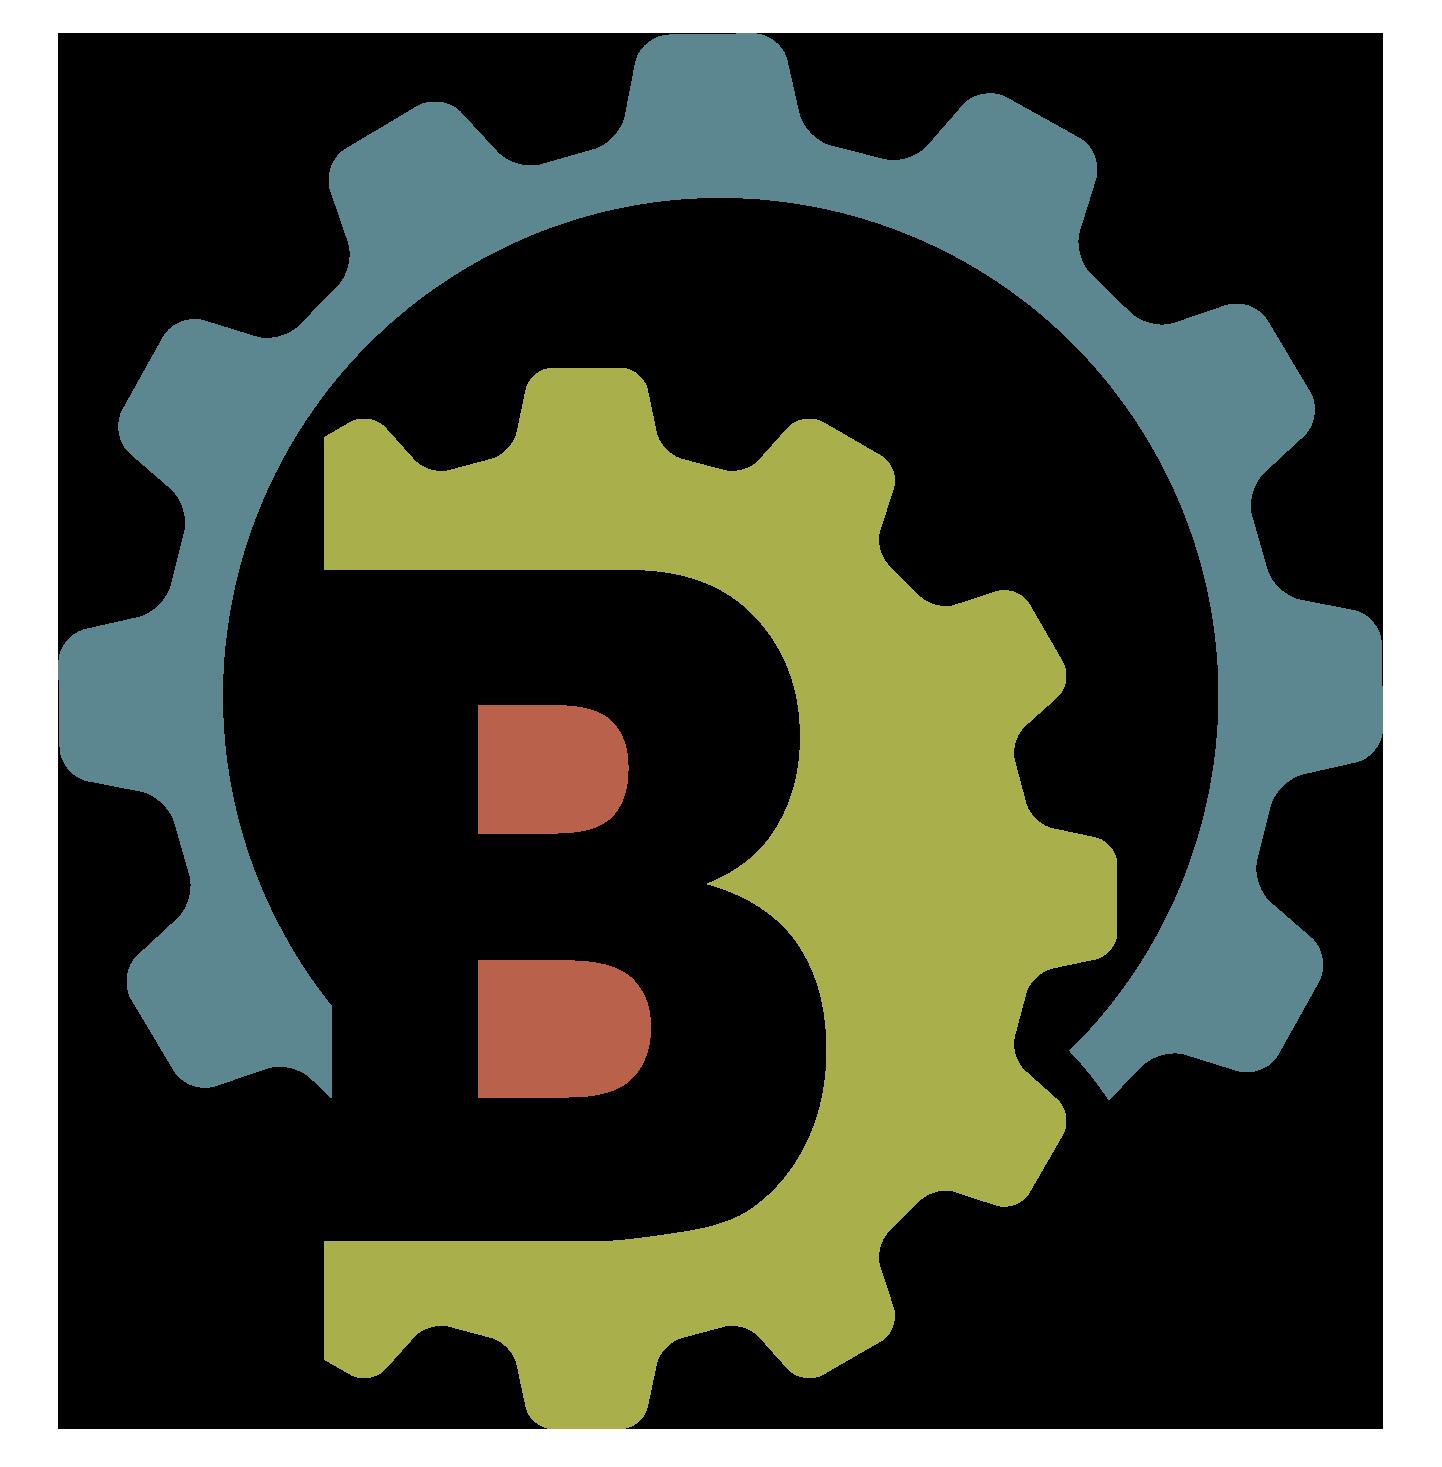 Studio B B Logo